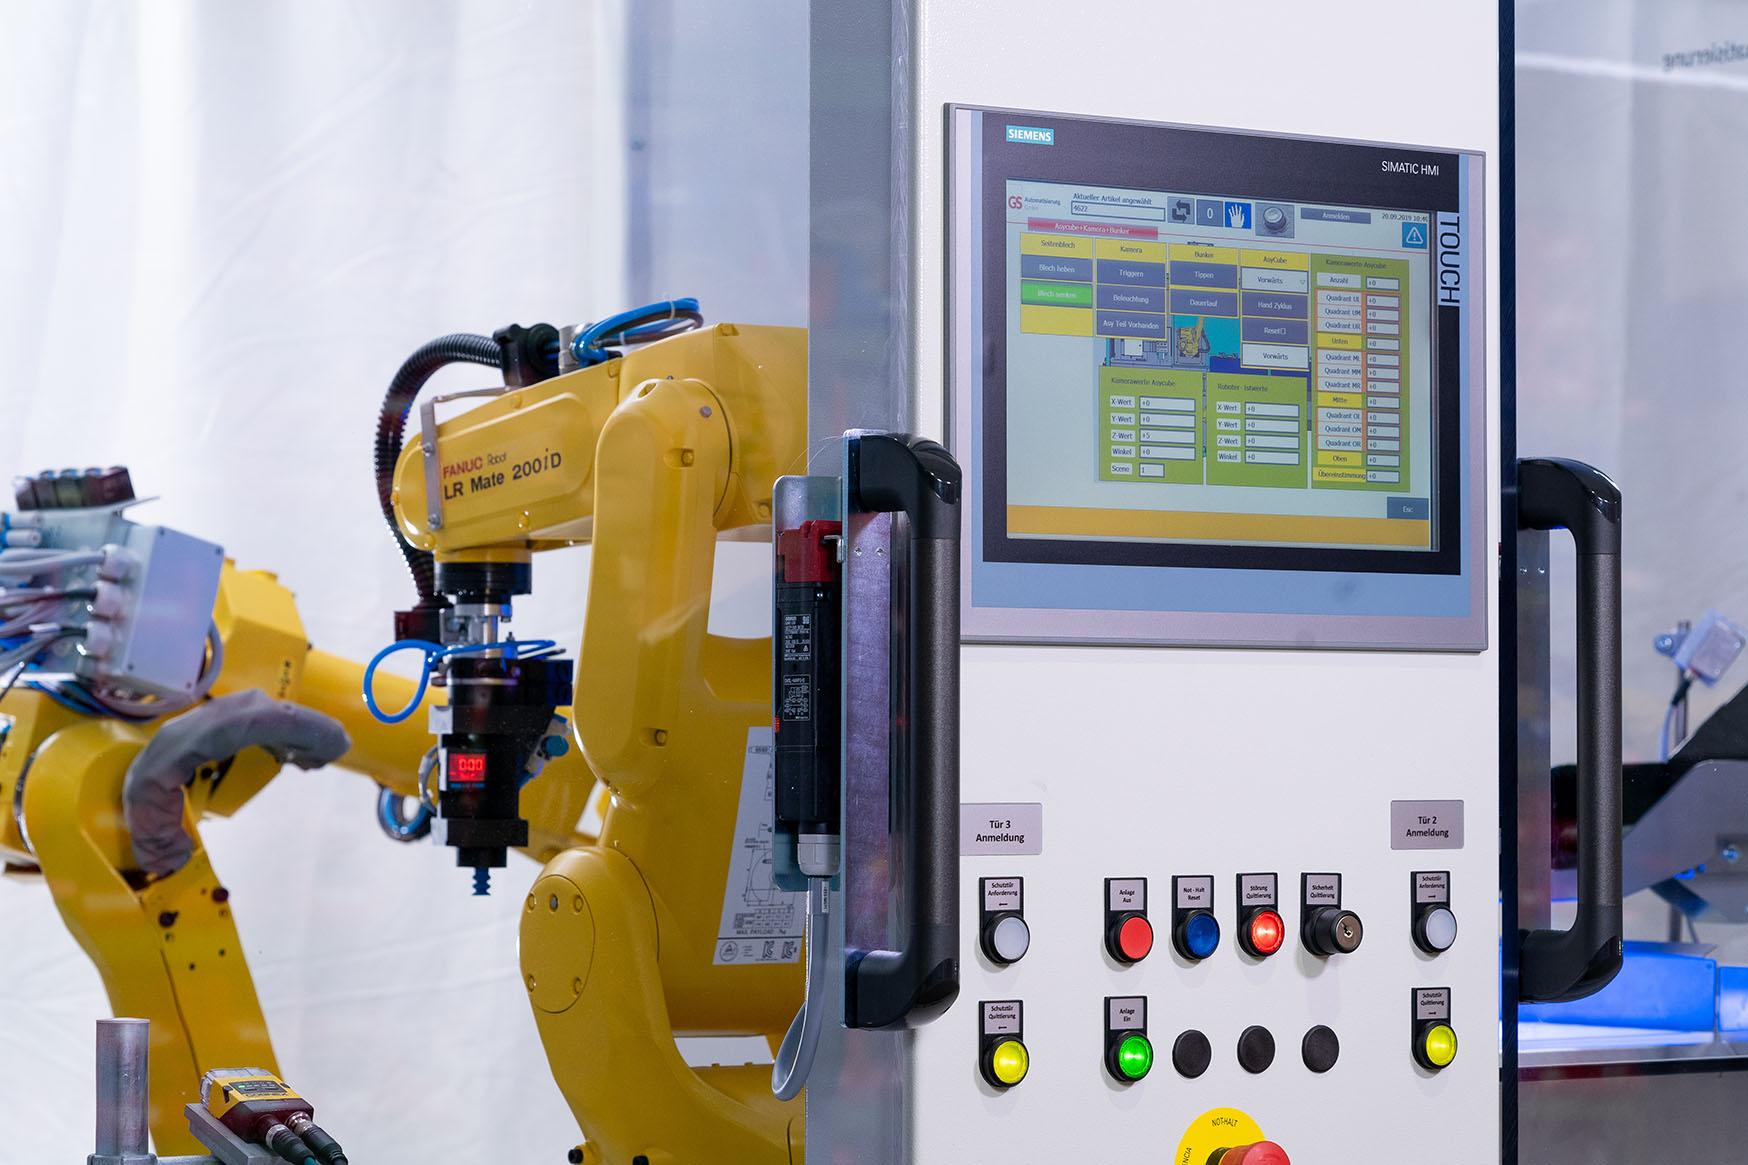 Beladeroboter und Bereitstellungsroboter